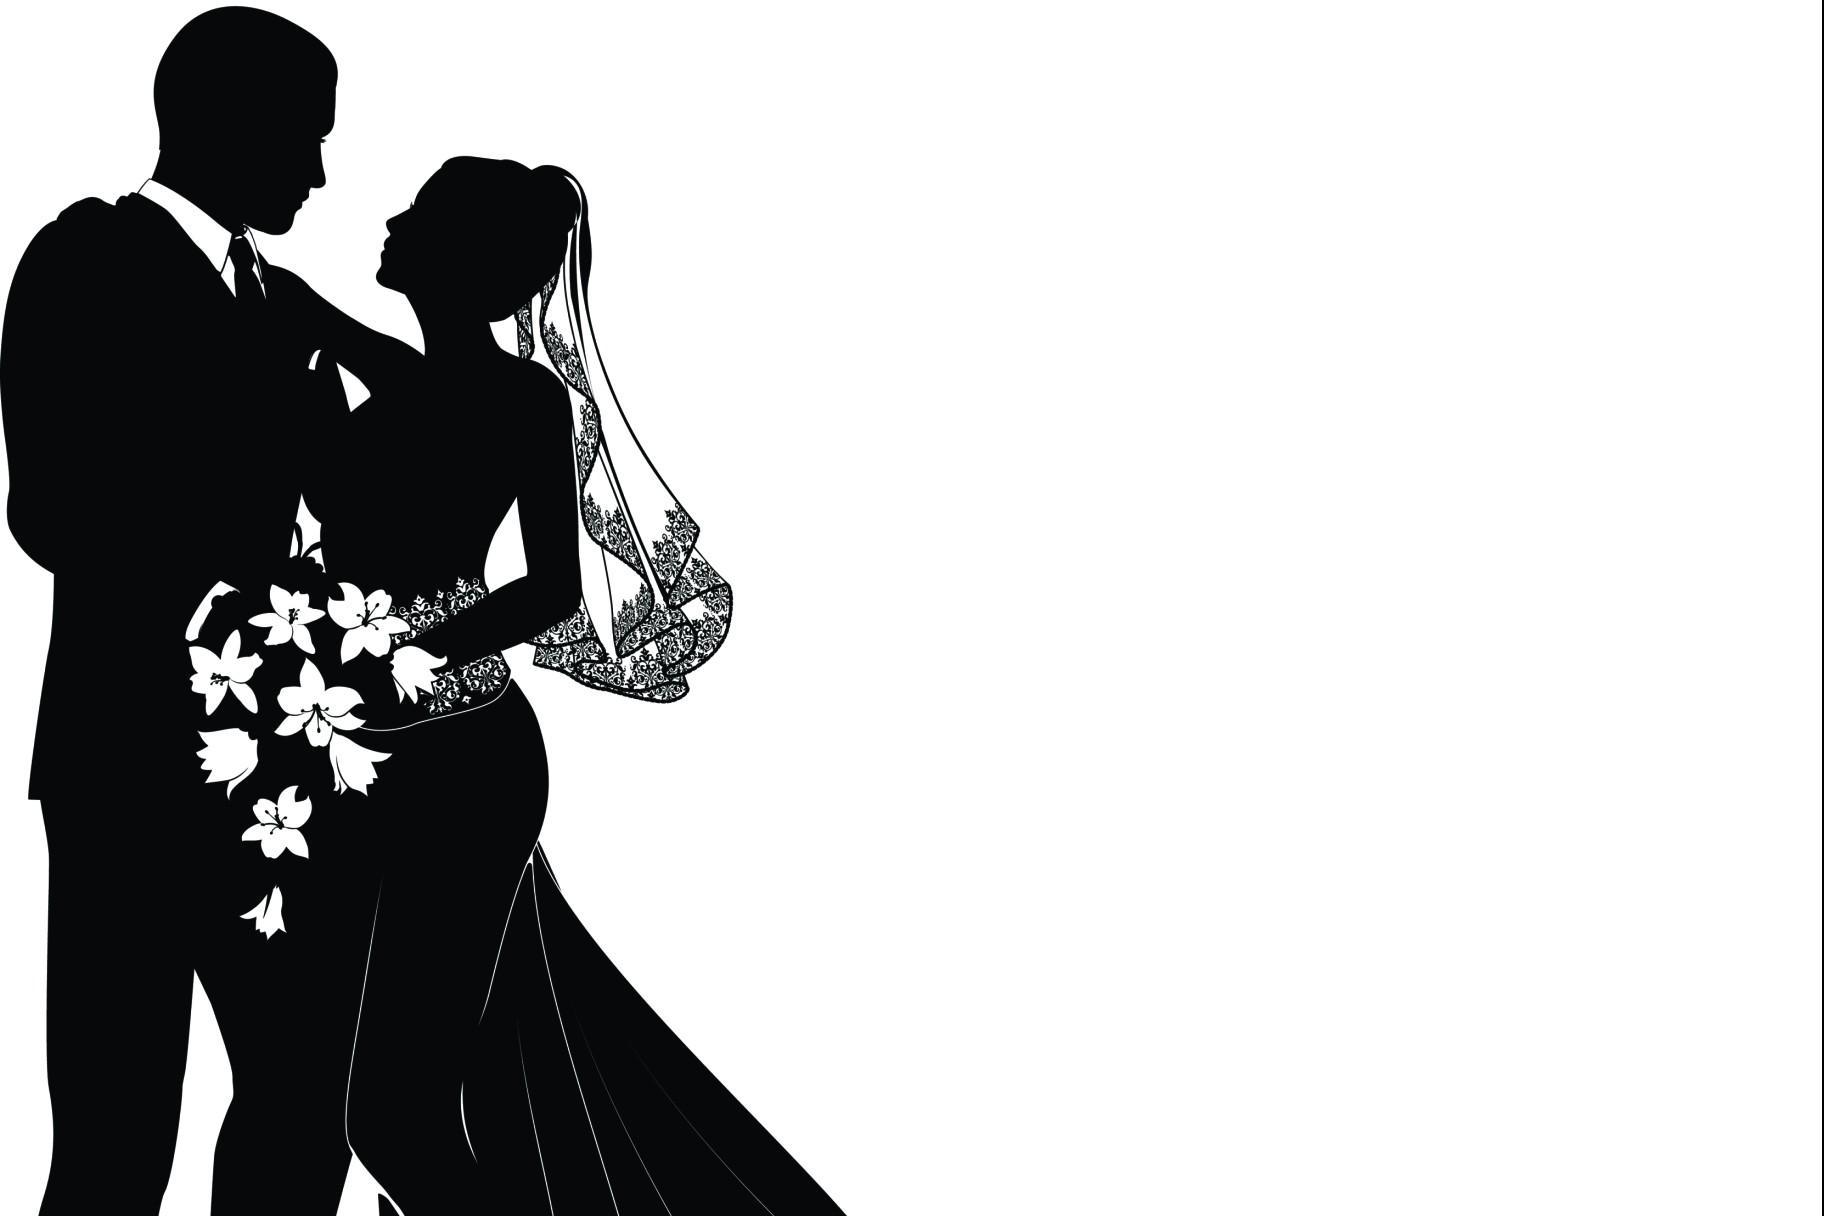 Matrimonio: Vincolo D'amore?